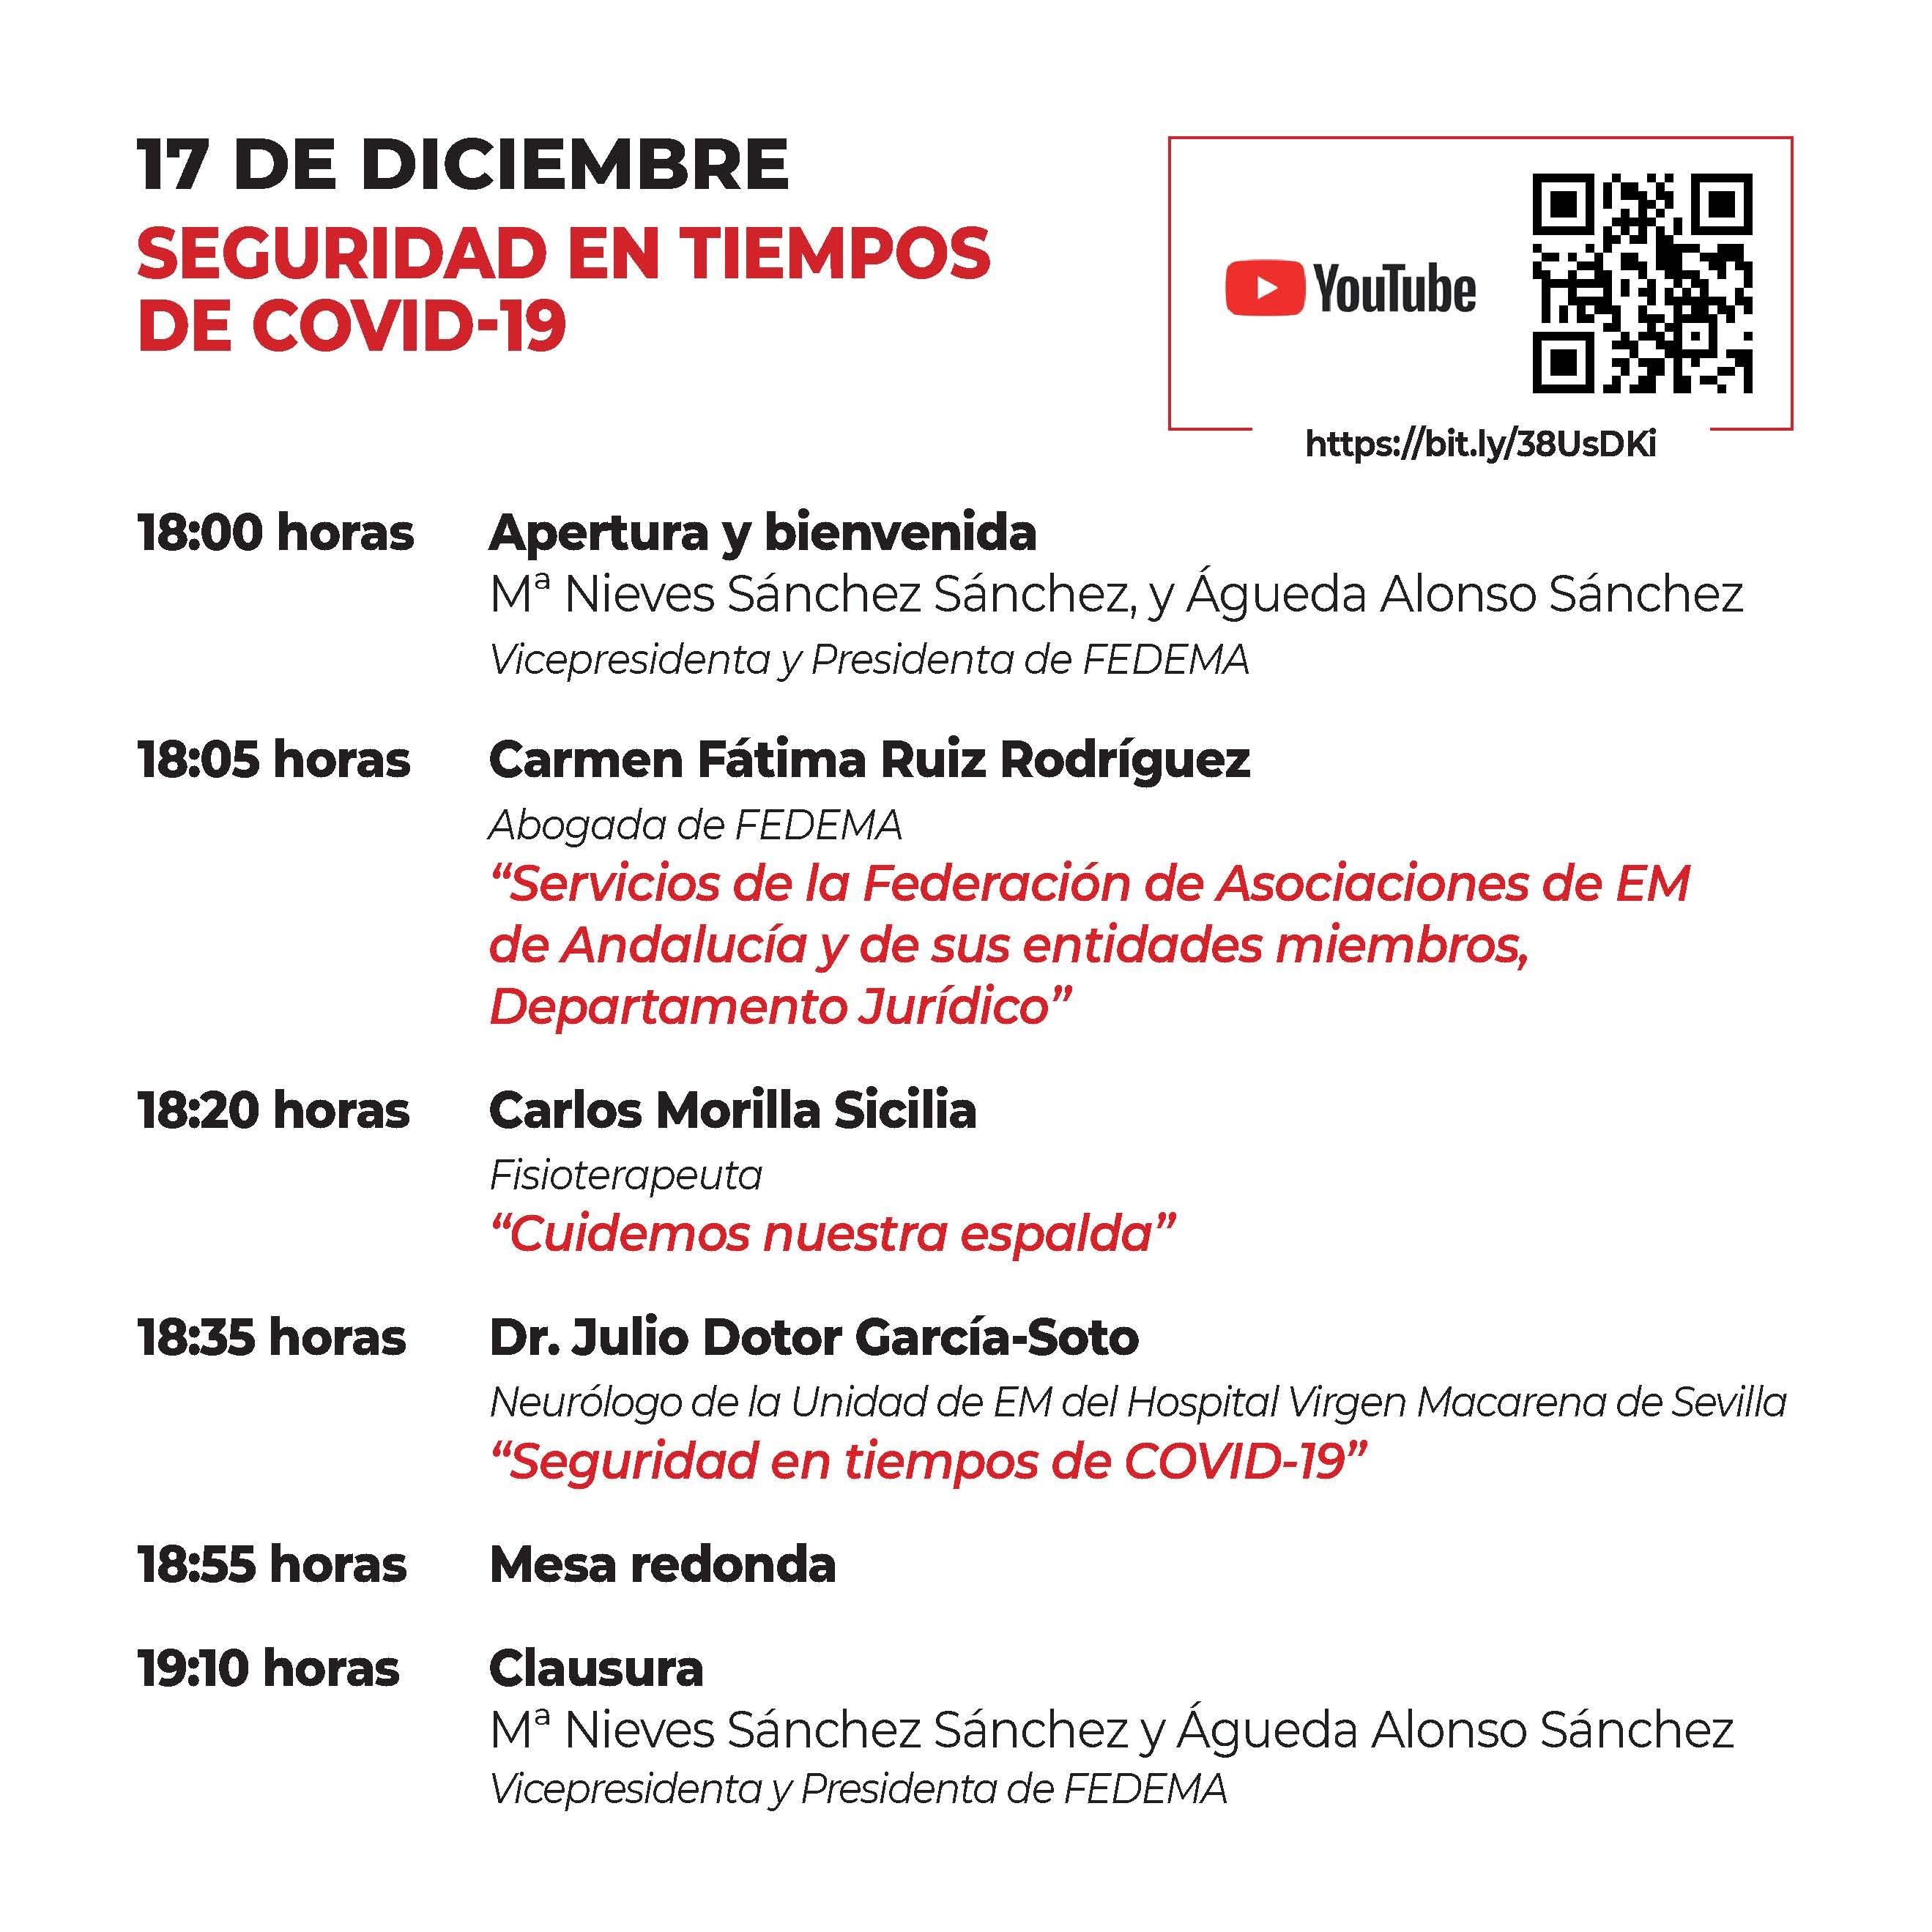 jornadas cientificas fedema noviembre y diciembre 2020 (3).jpg